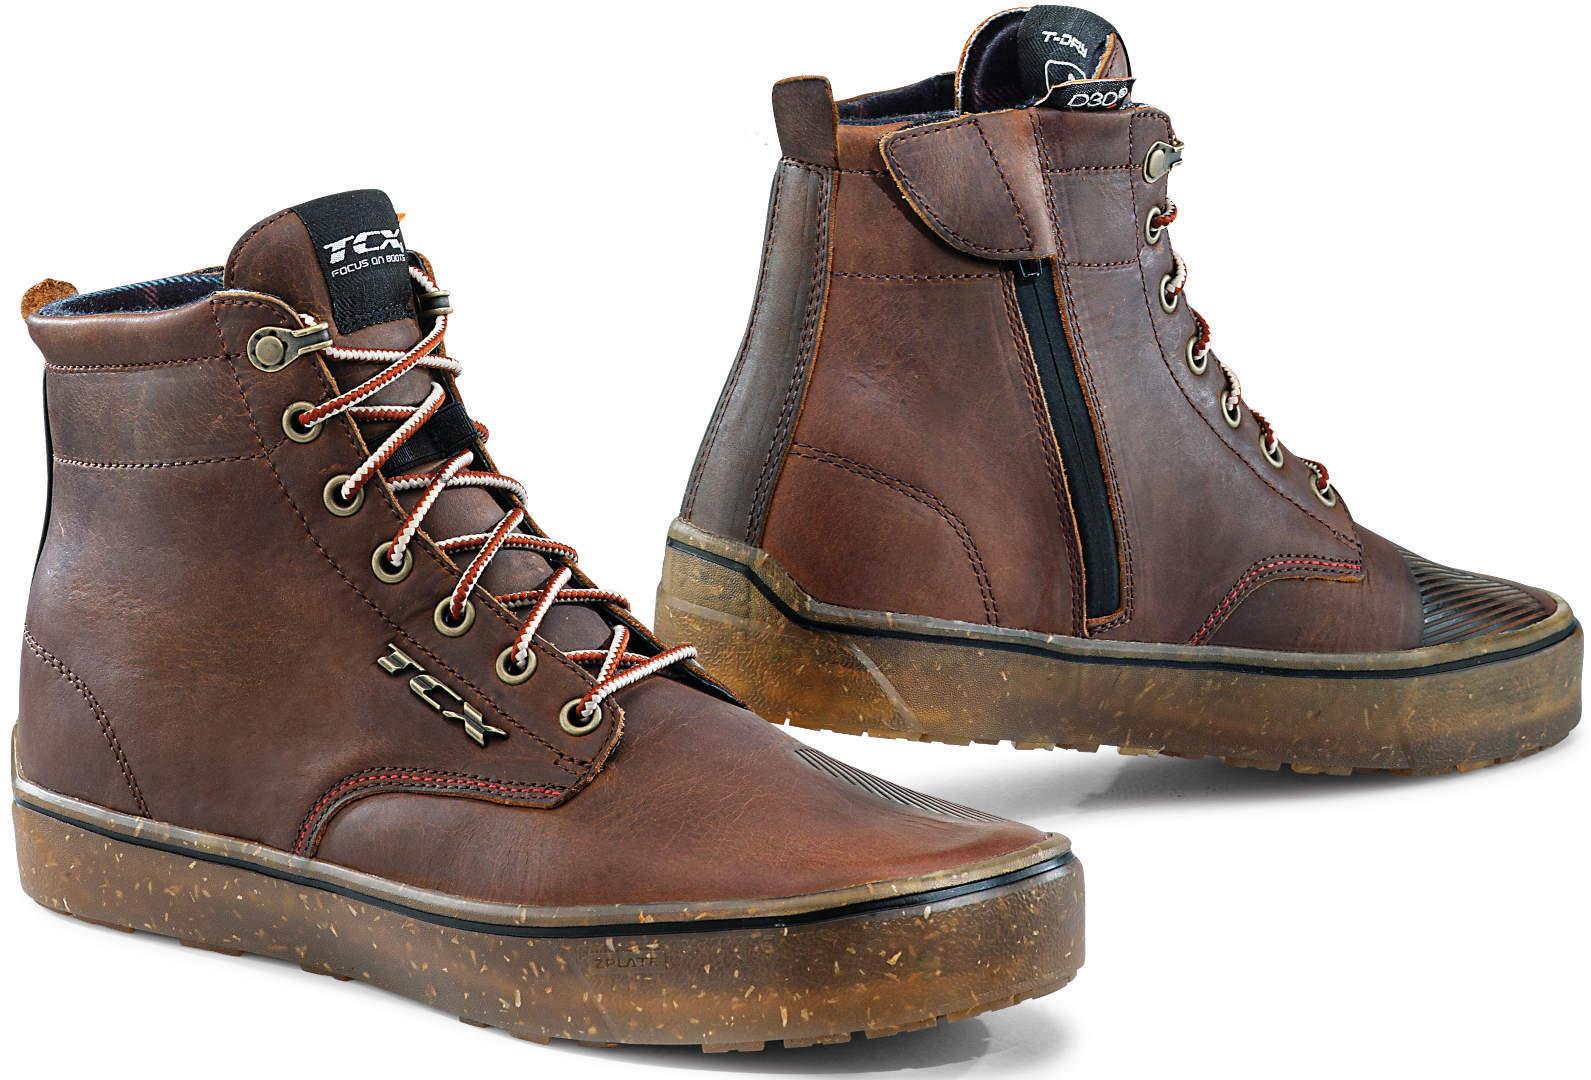 TCX Dartwood Chaussures de moto imperméables Brun taille : 43